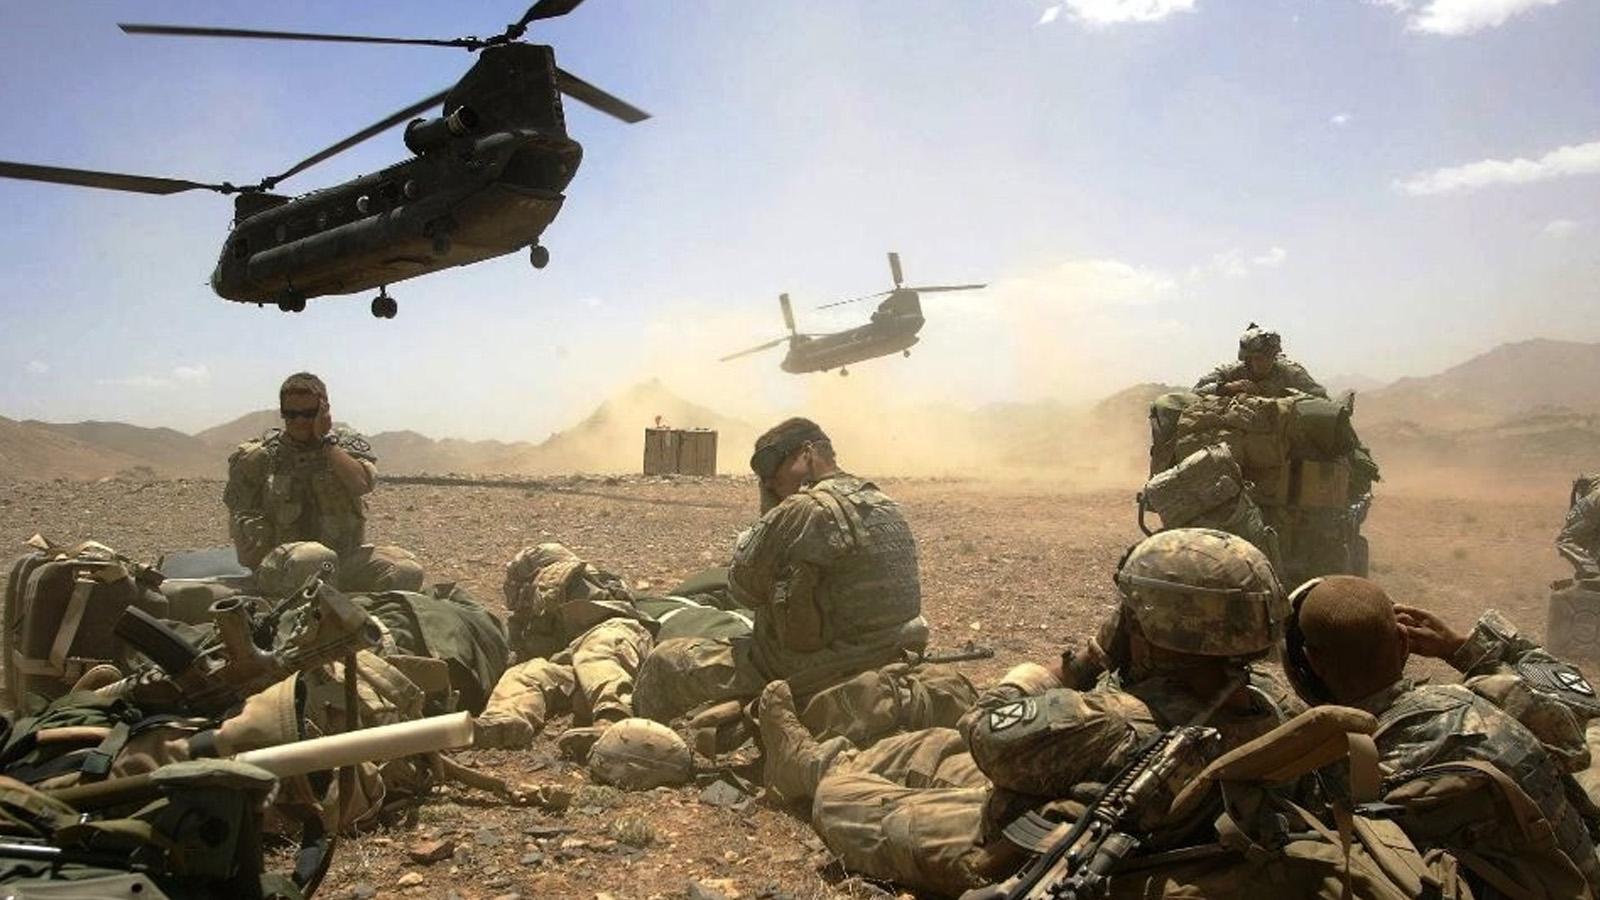 अफगानिस्तानमा तालिवान विद्रोही लडाकूको आक्रमणमा १७ सैनिकको मृत्यु